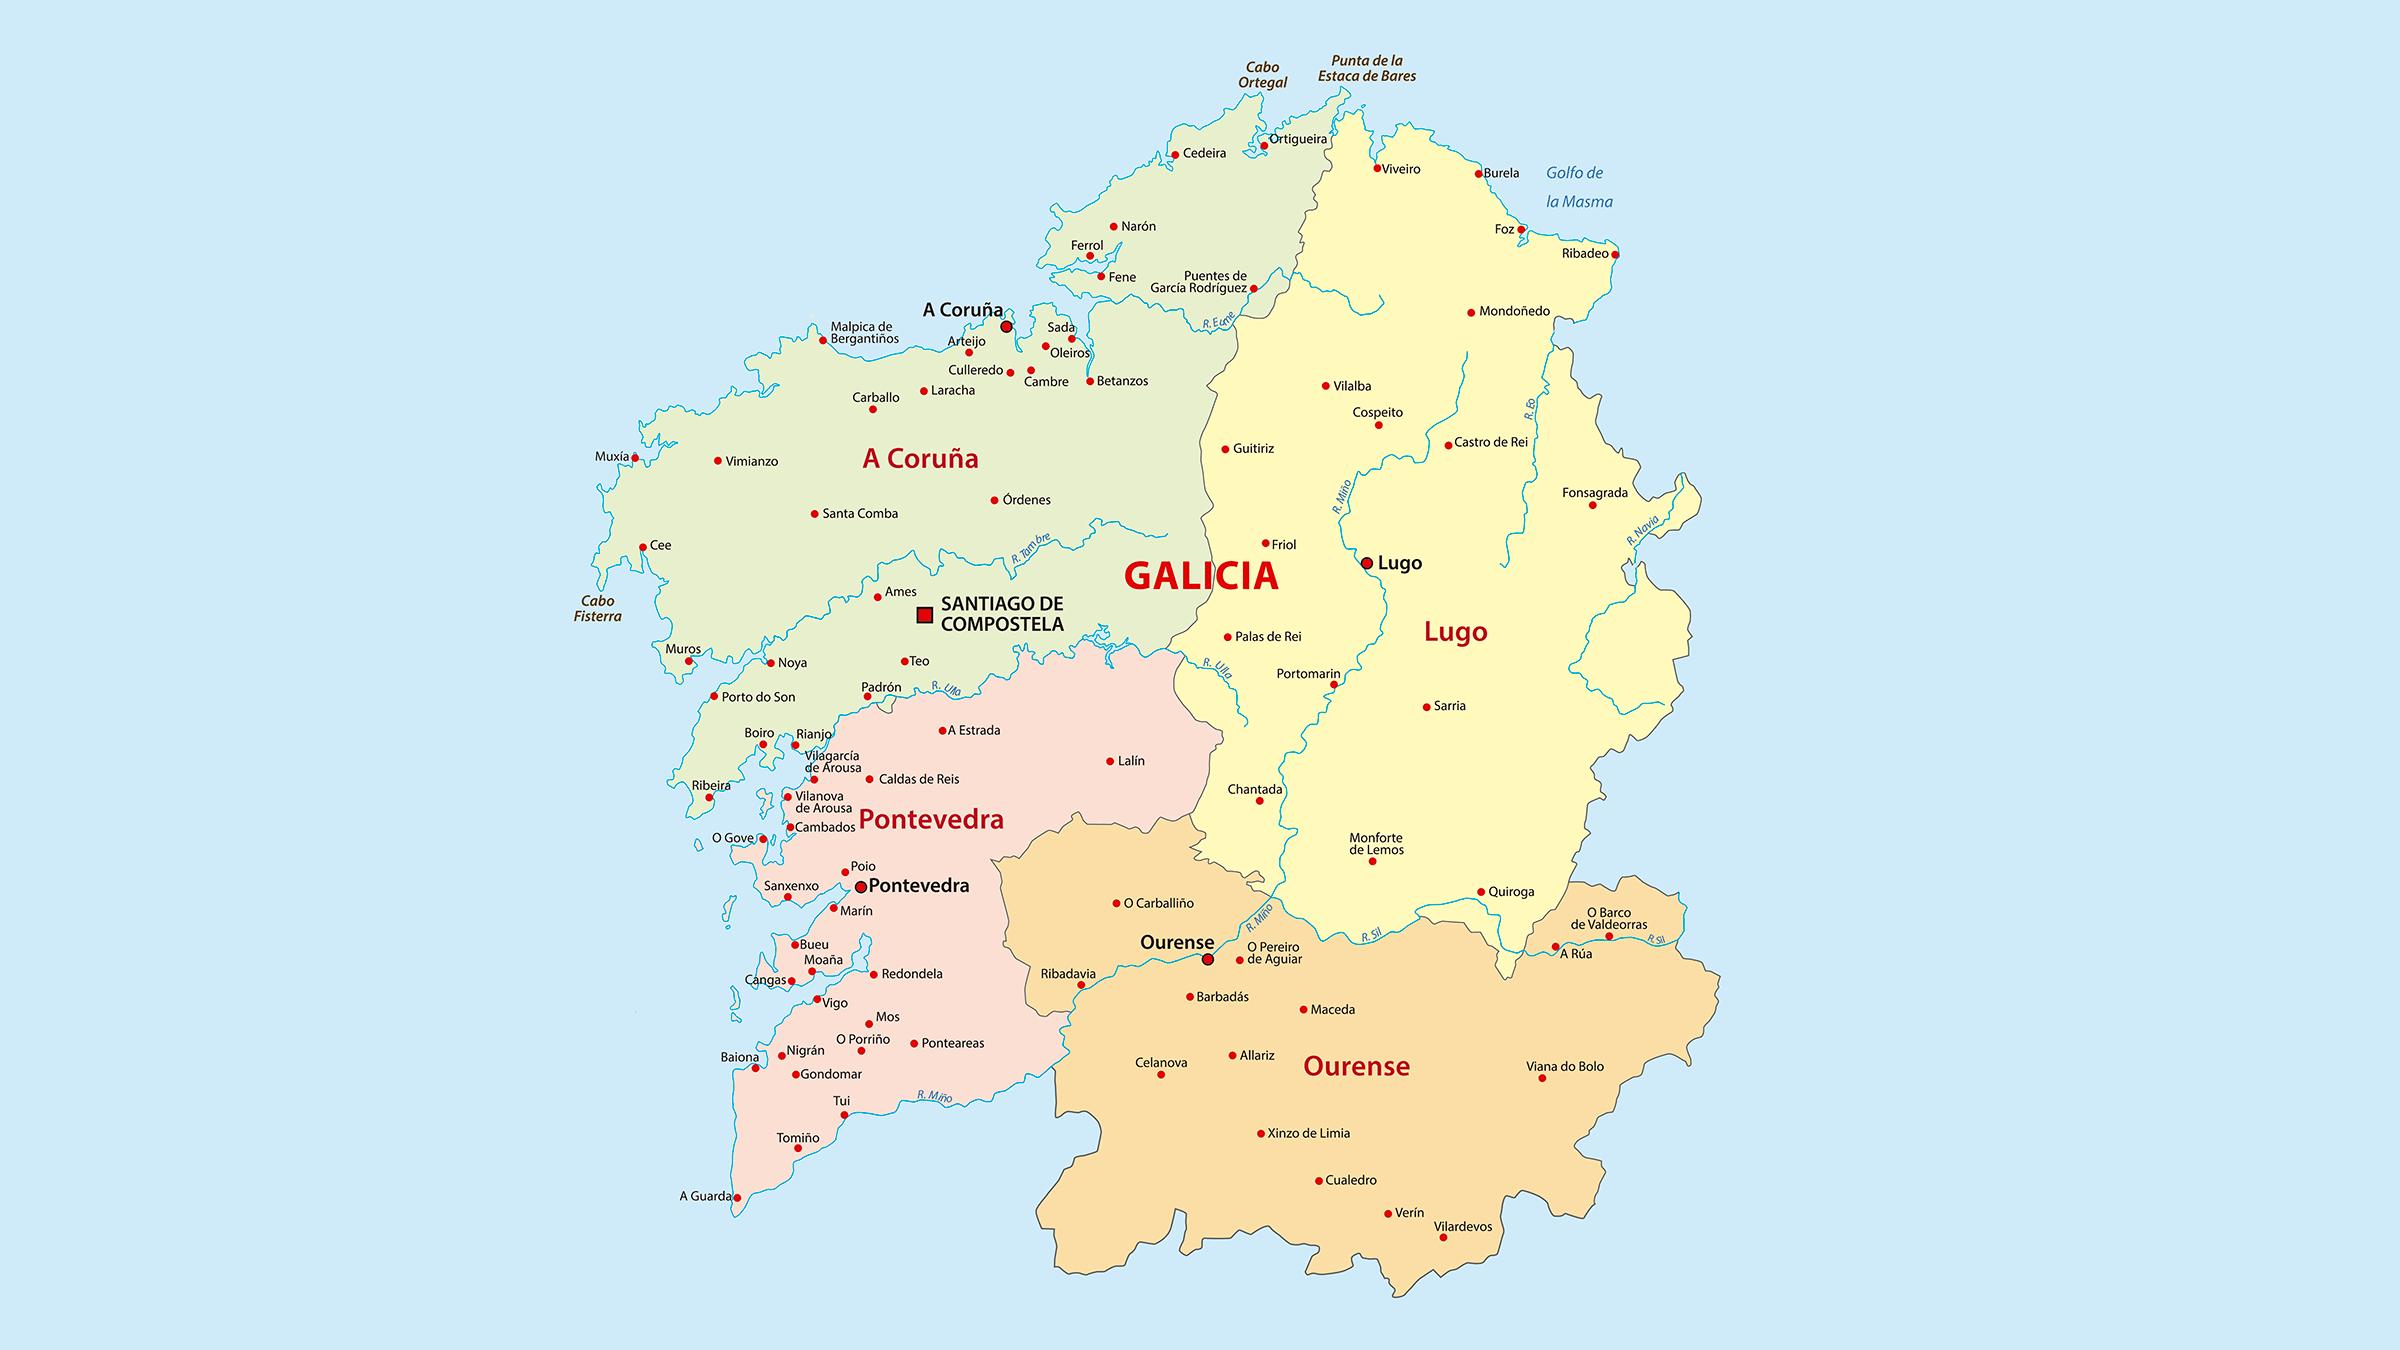 Mapa De Galicia España.Mapa Politico De Galicia